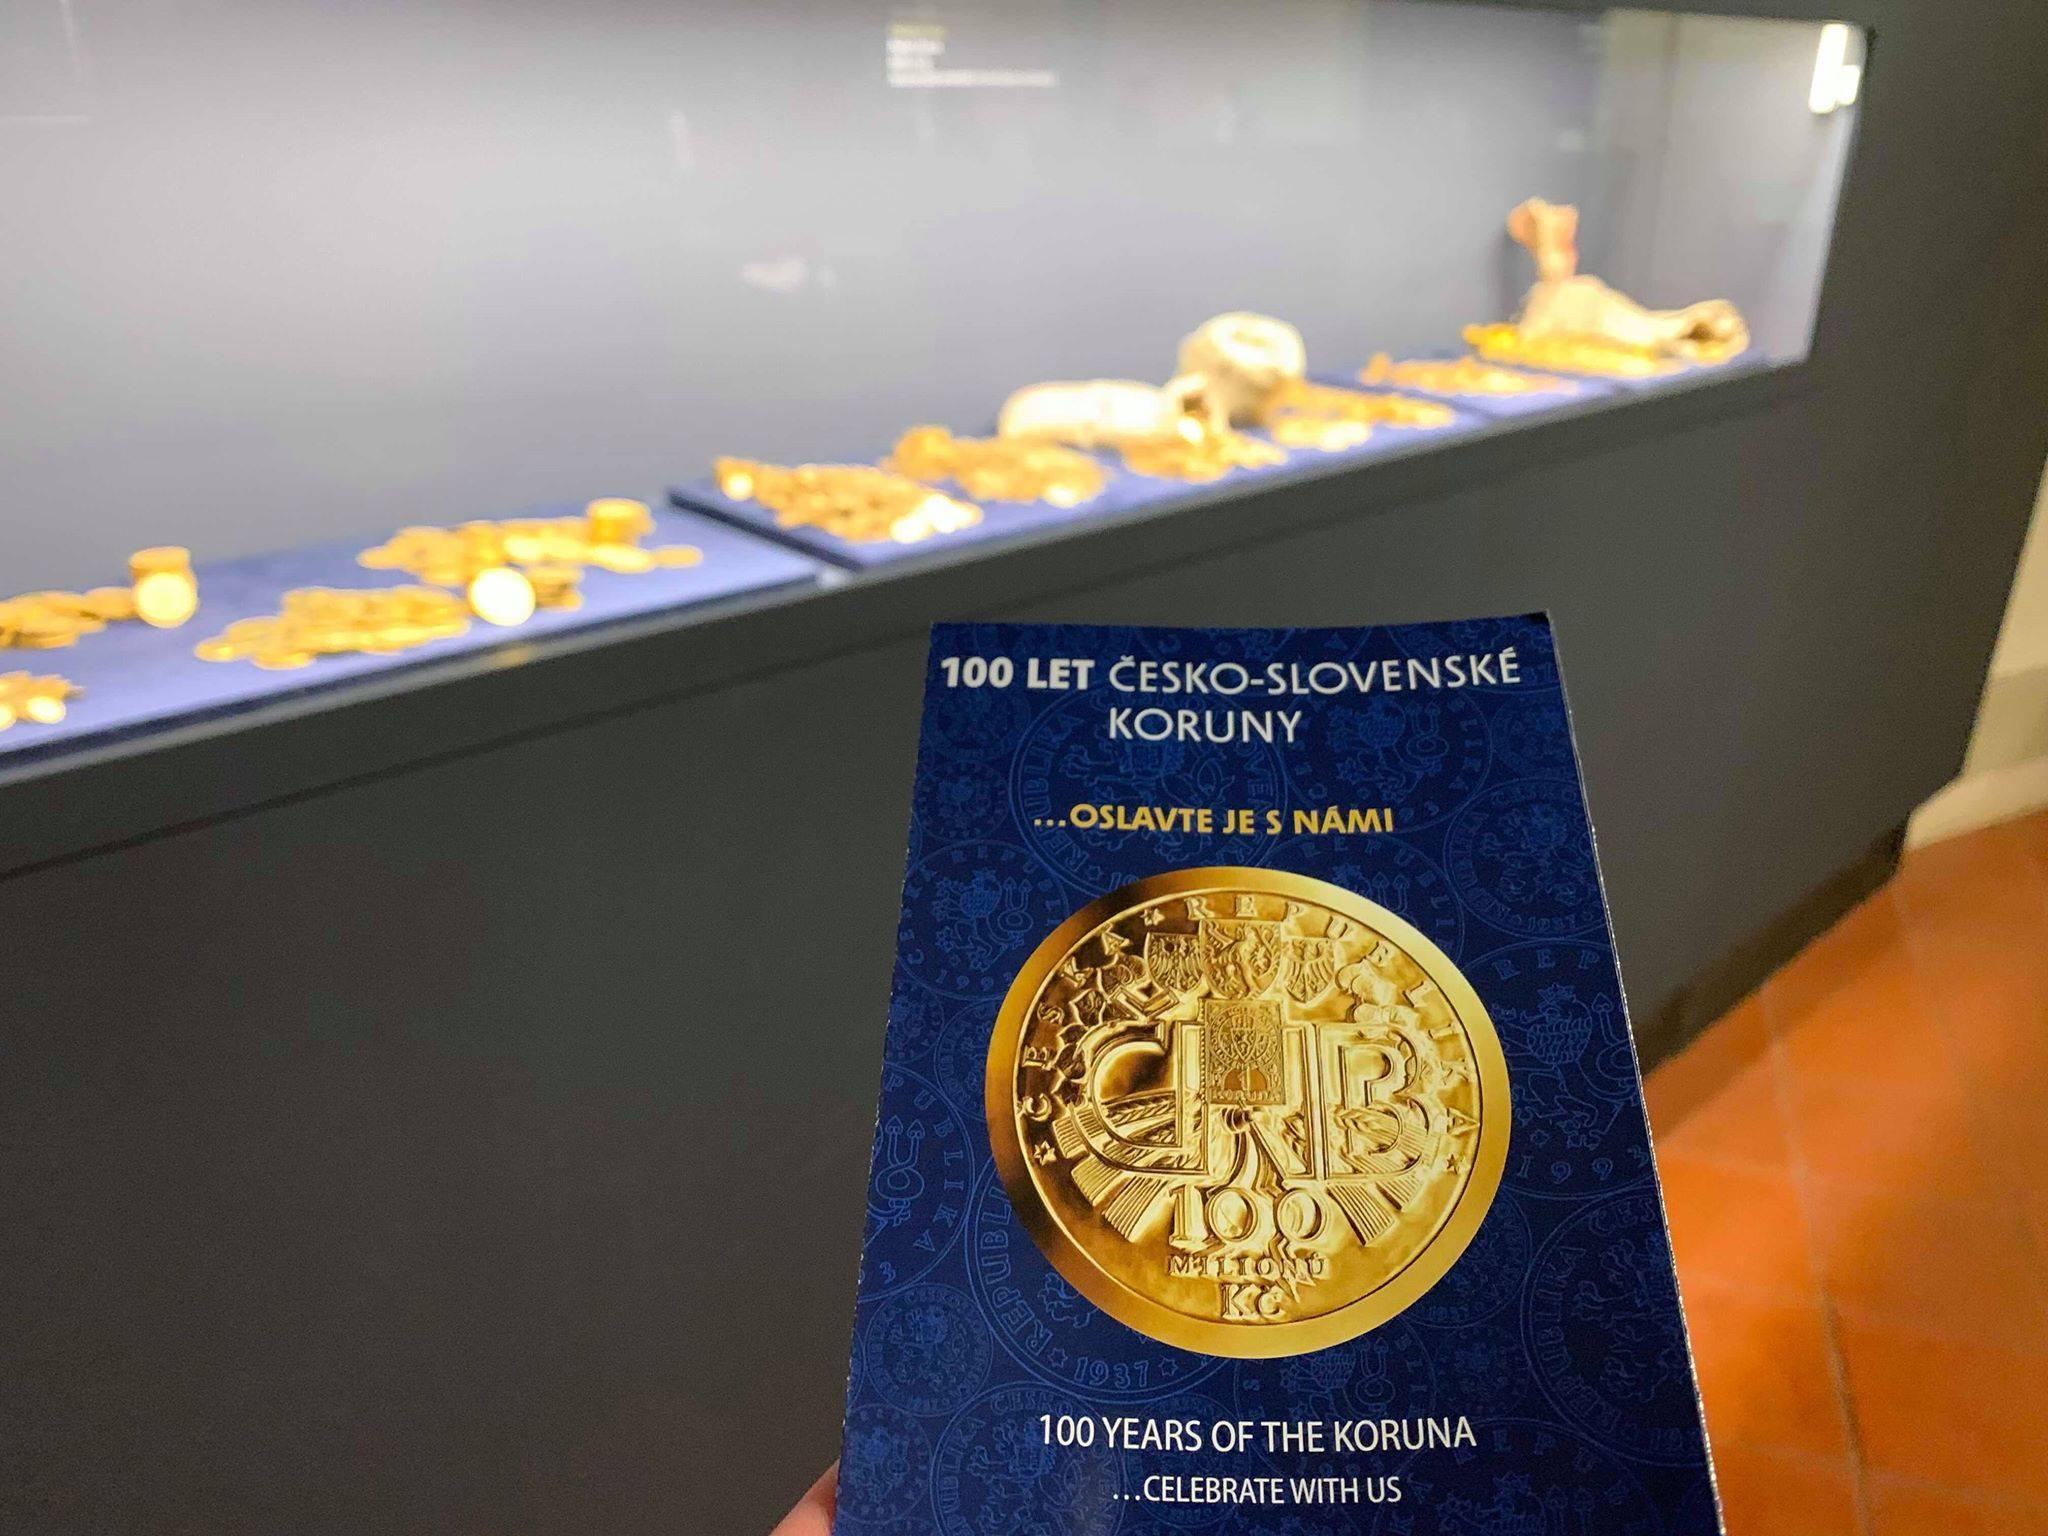 Navštívili jsme výstavu 100 let česko-slovenské koruny